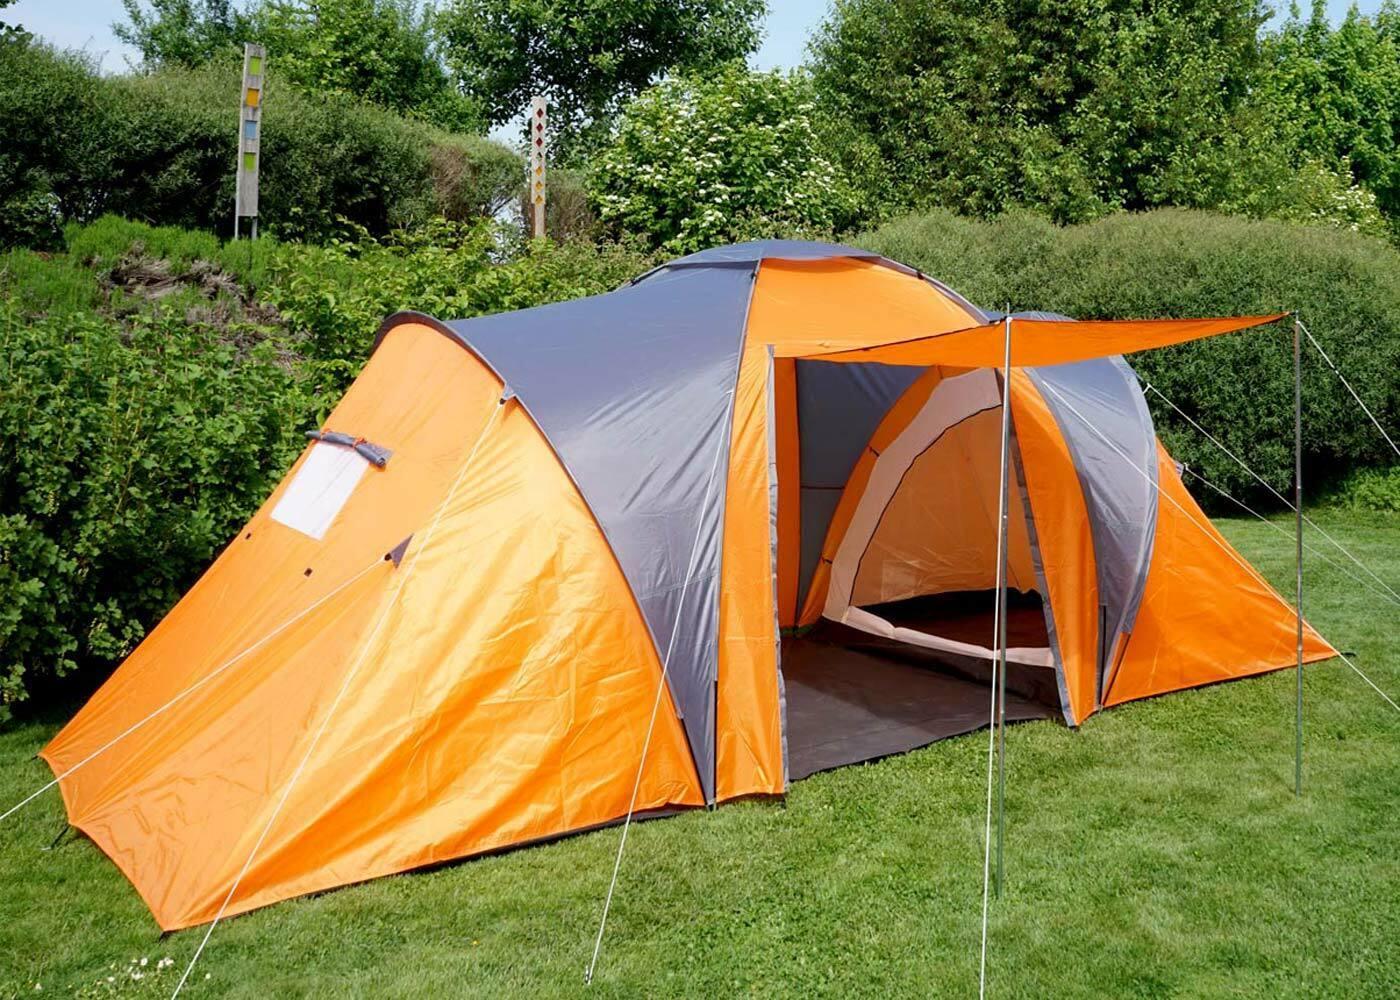 Tenda da campeggio Loksa, 4uomo Cupola Tenda Igloo Tenda FestivalTenda, 4 persone ARANCIONE